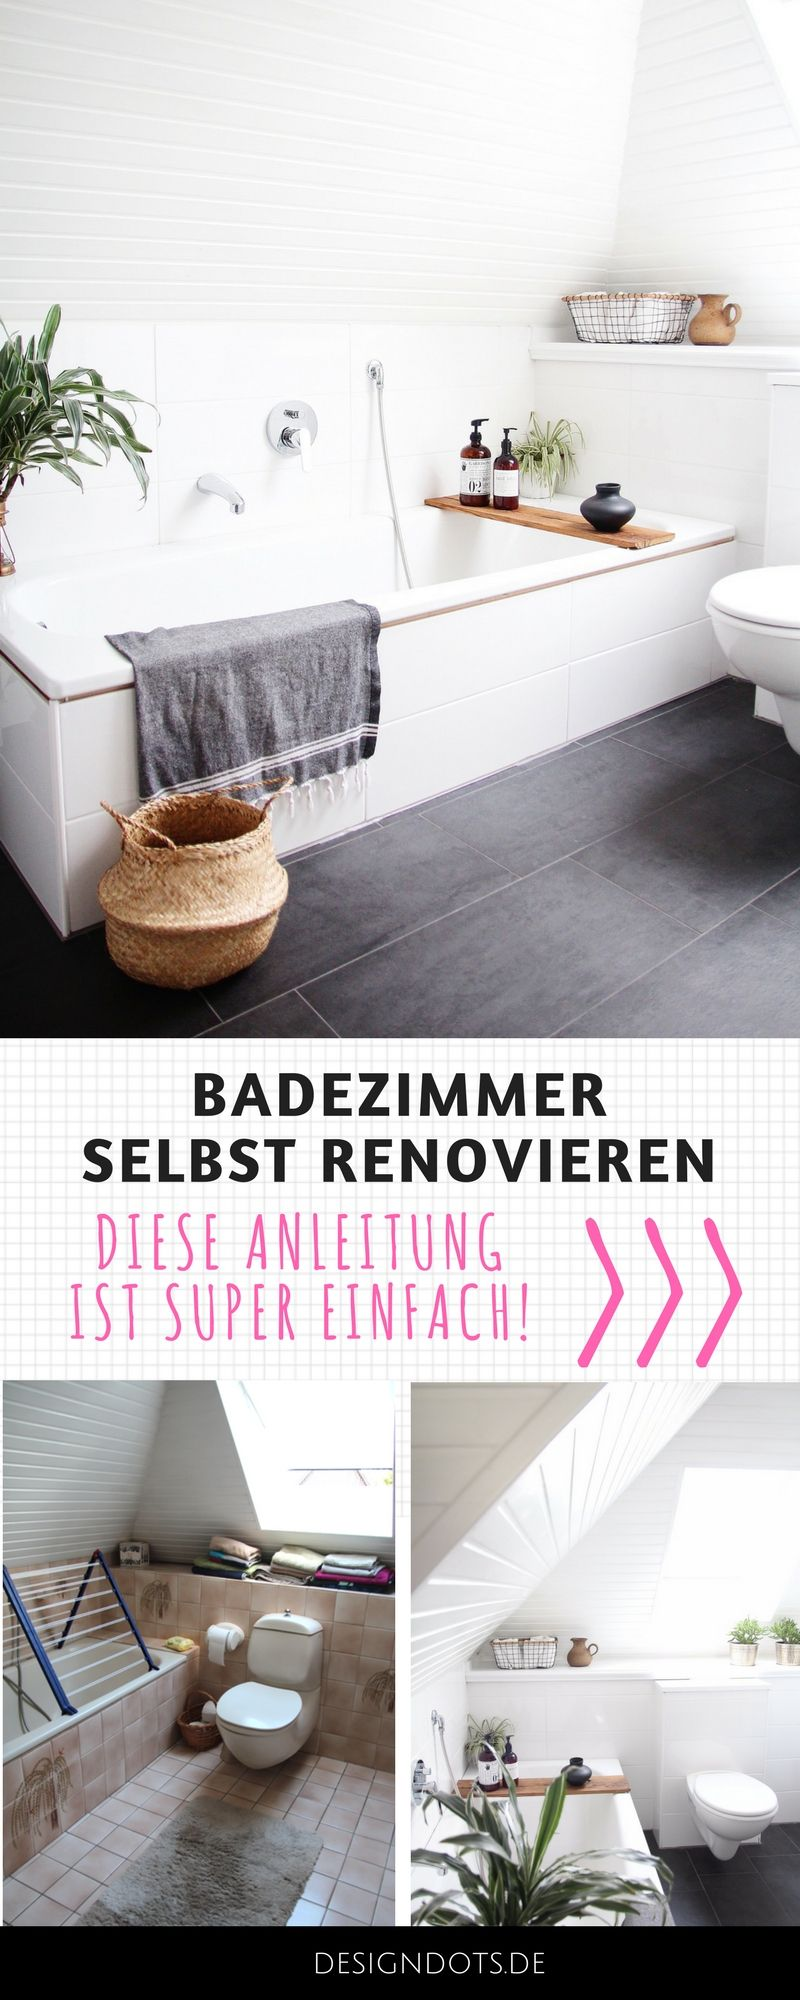 Badezimmer Selbst Renovieren Renovieren Super Einfach Hausrenovierung